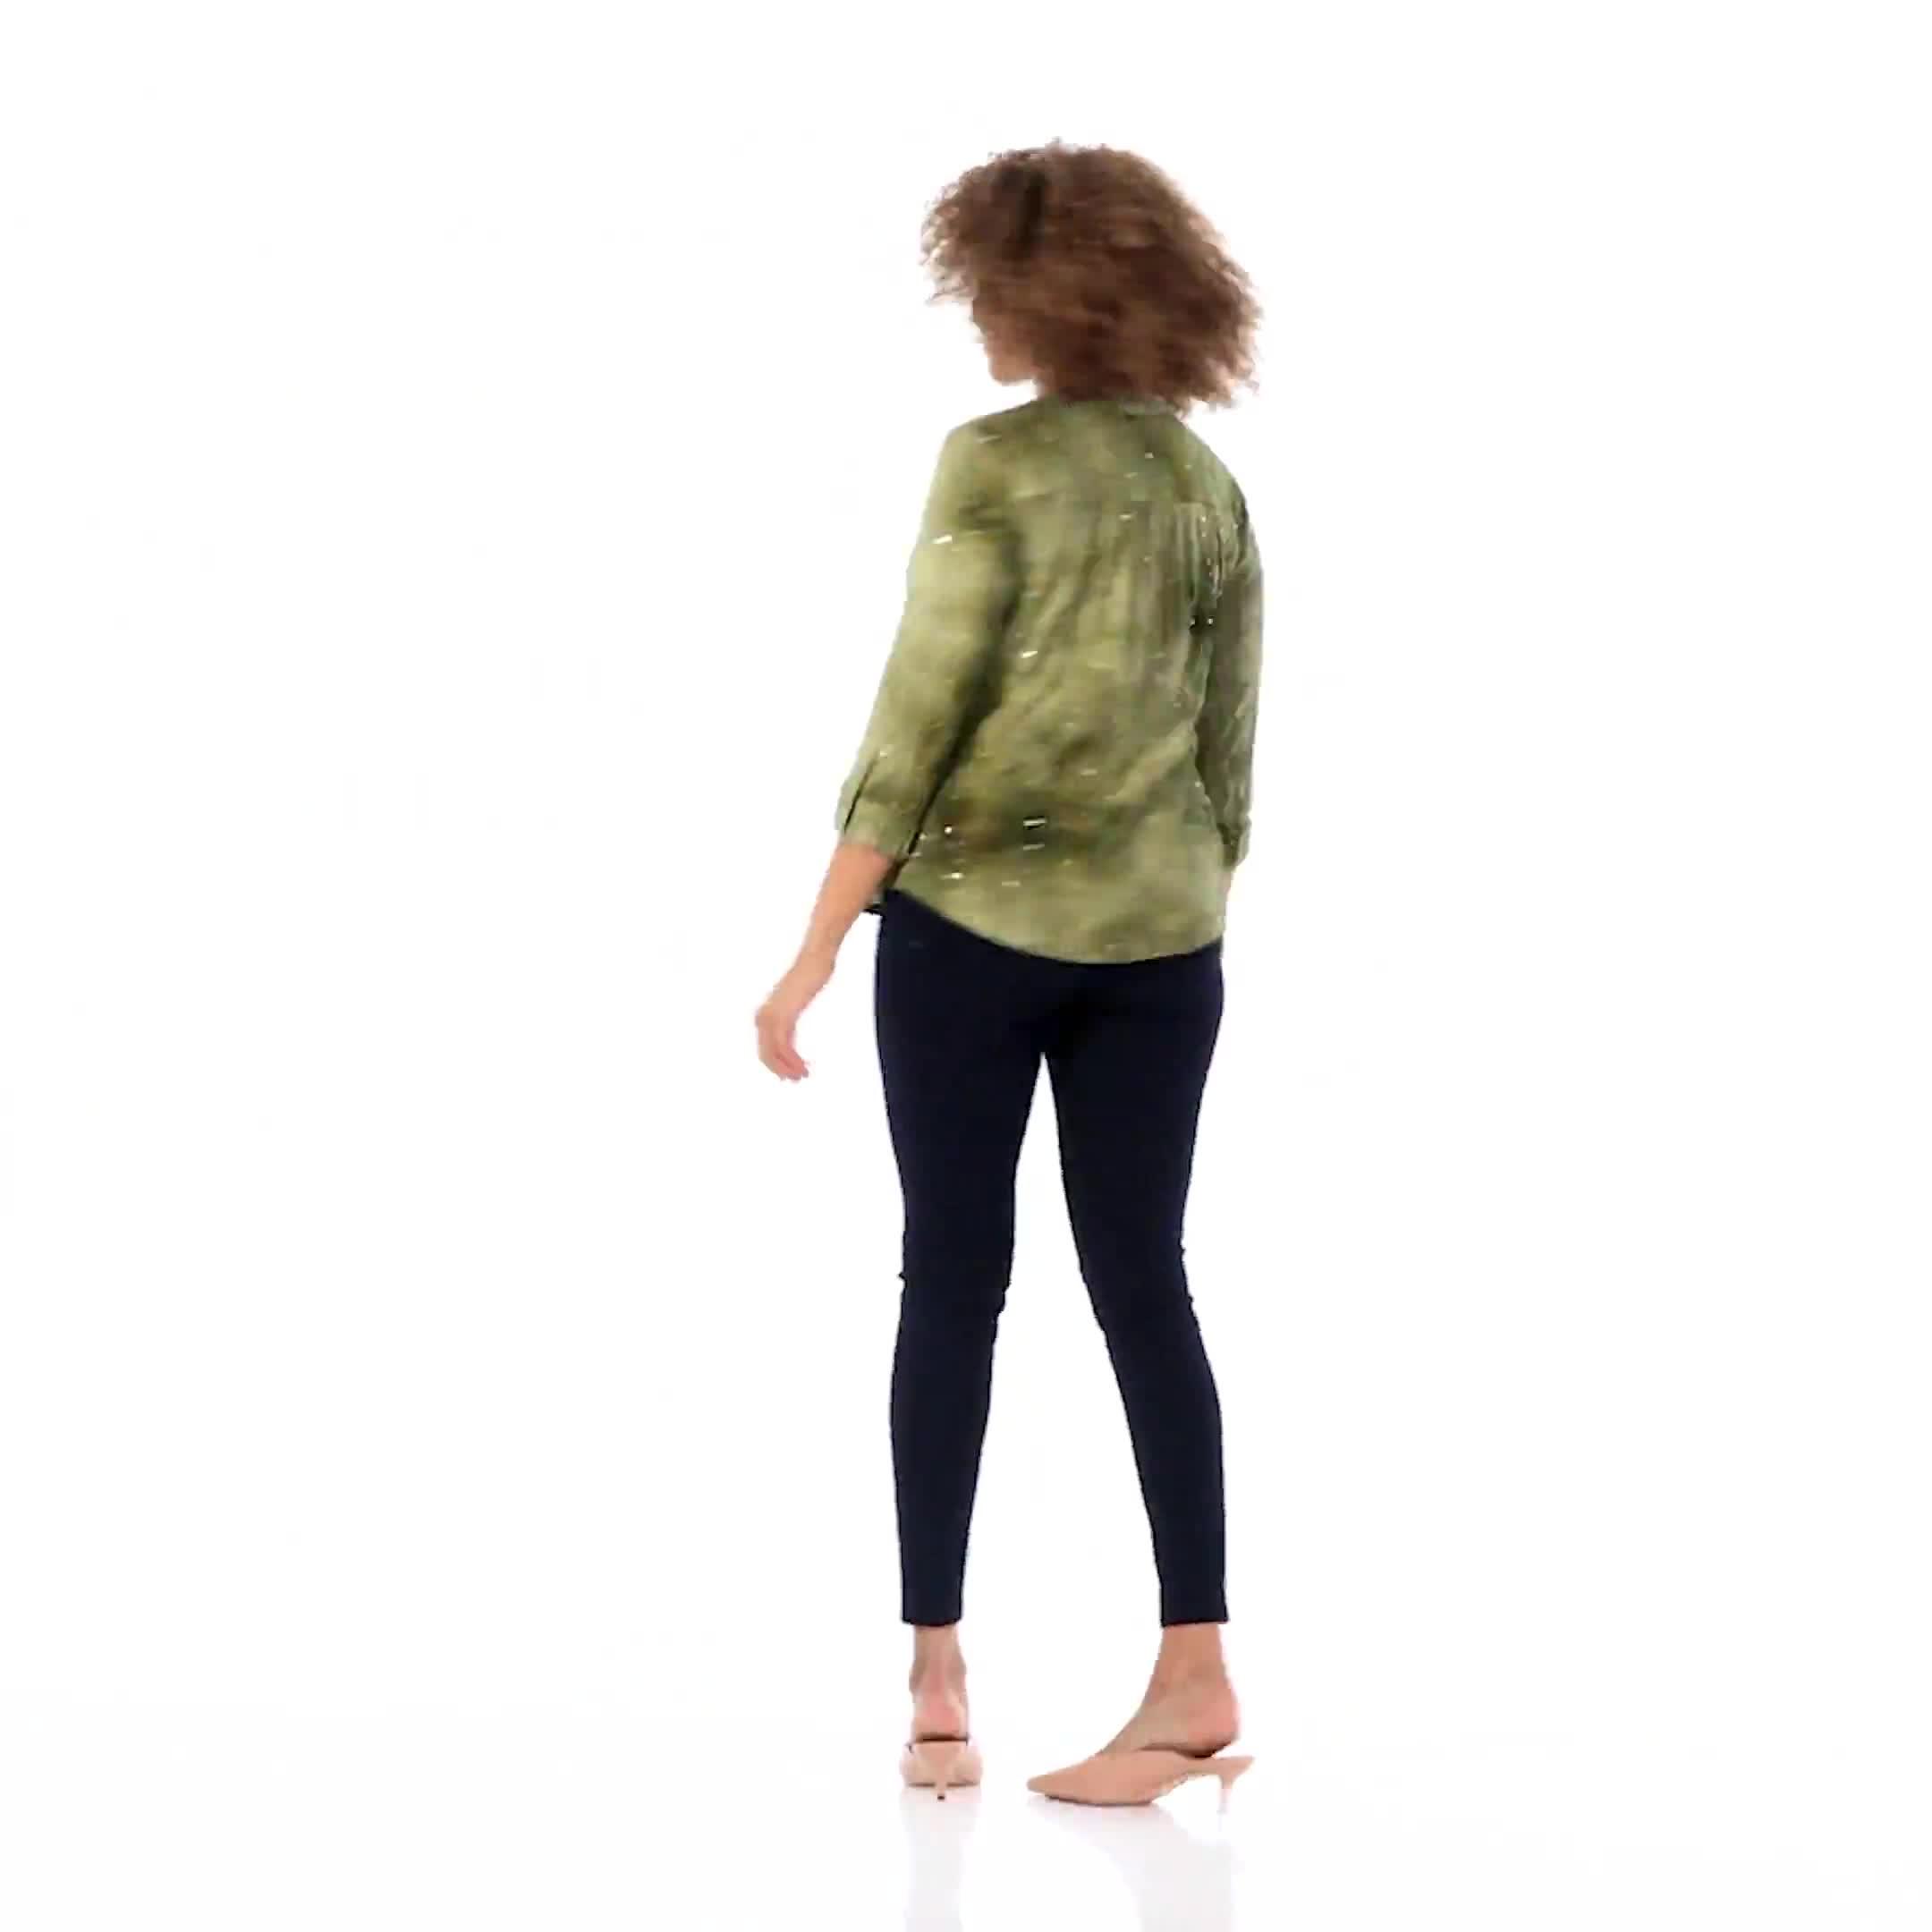 Roz & Ali Sequin Tie Dye Popover - Video